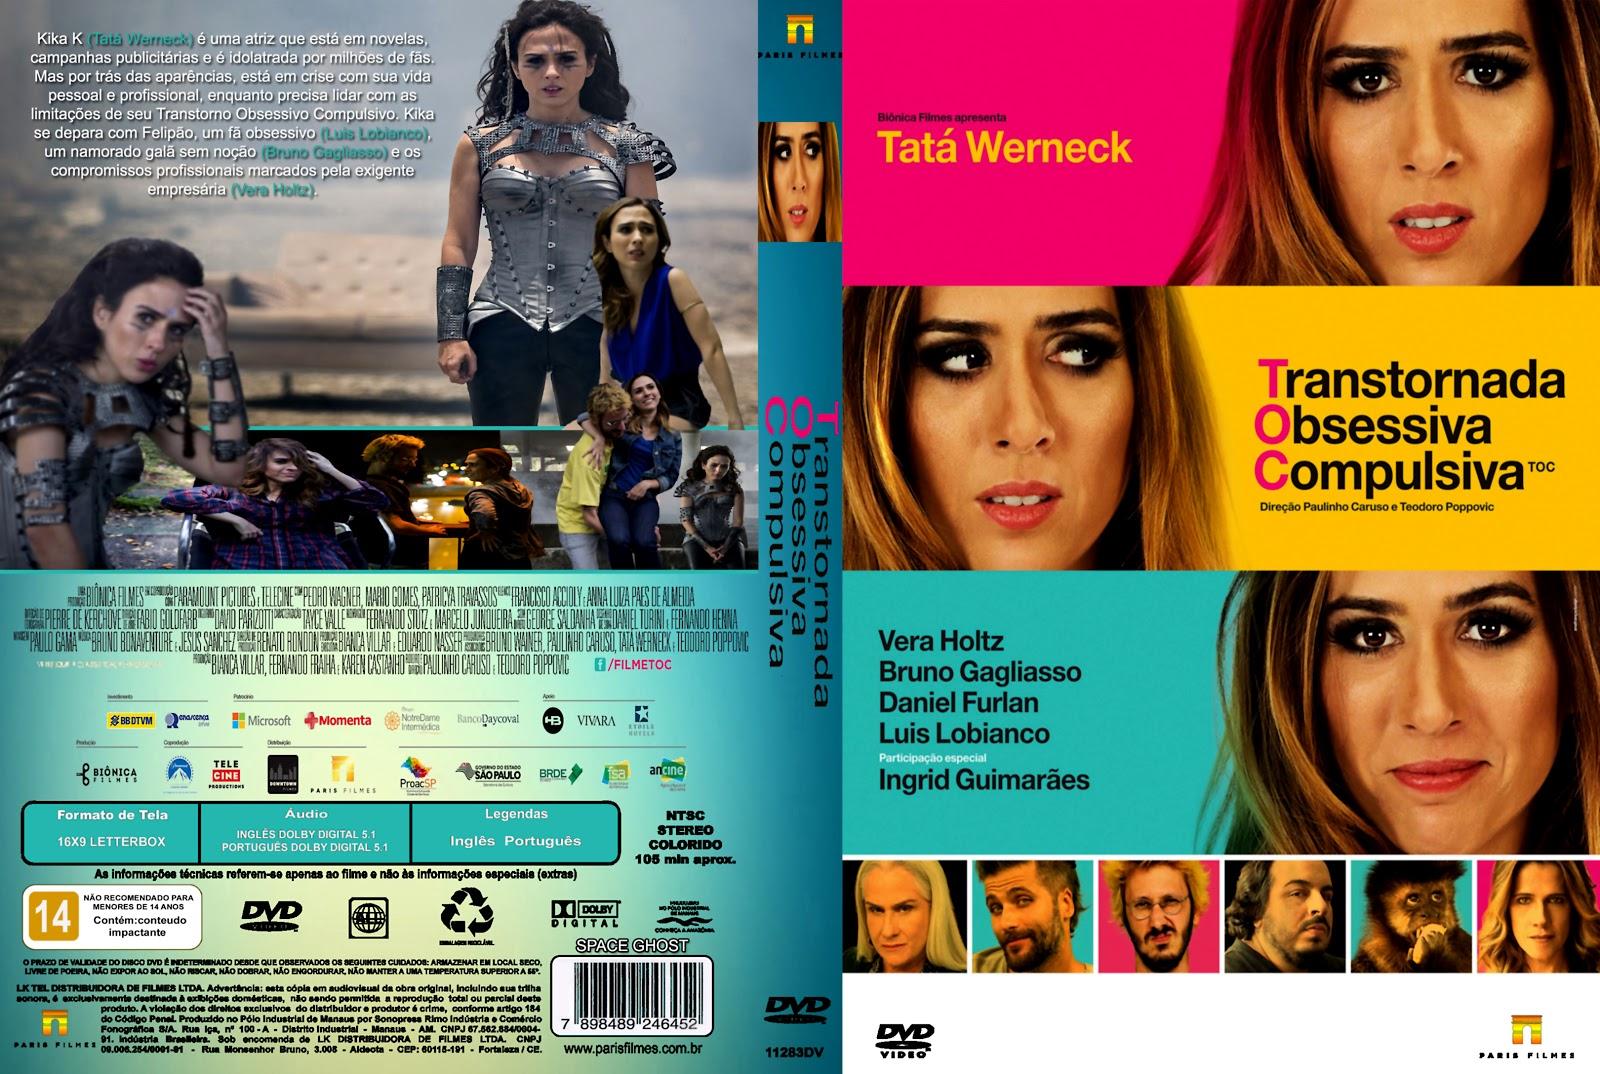 TOC Transtornada Obsessiva Compulsiva TOC Transtornada Obsessiva Compulsiva TOC 2B  2BTranstornada Obsessiva Compulsiva